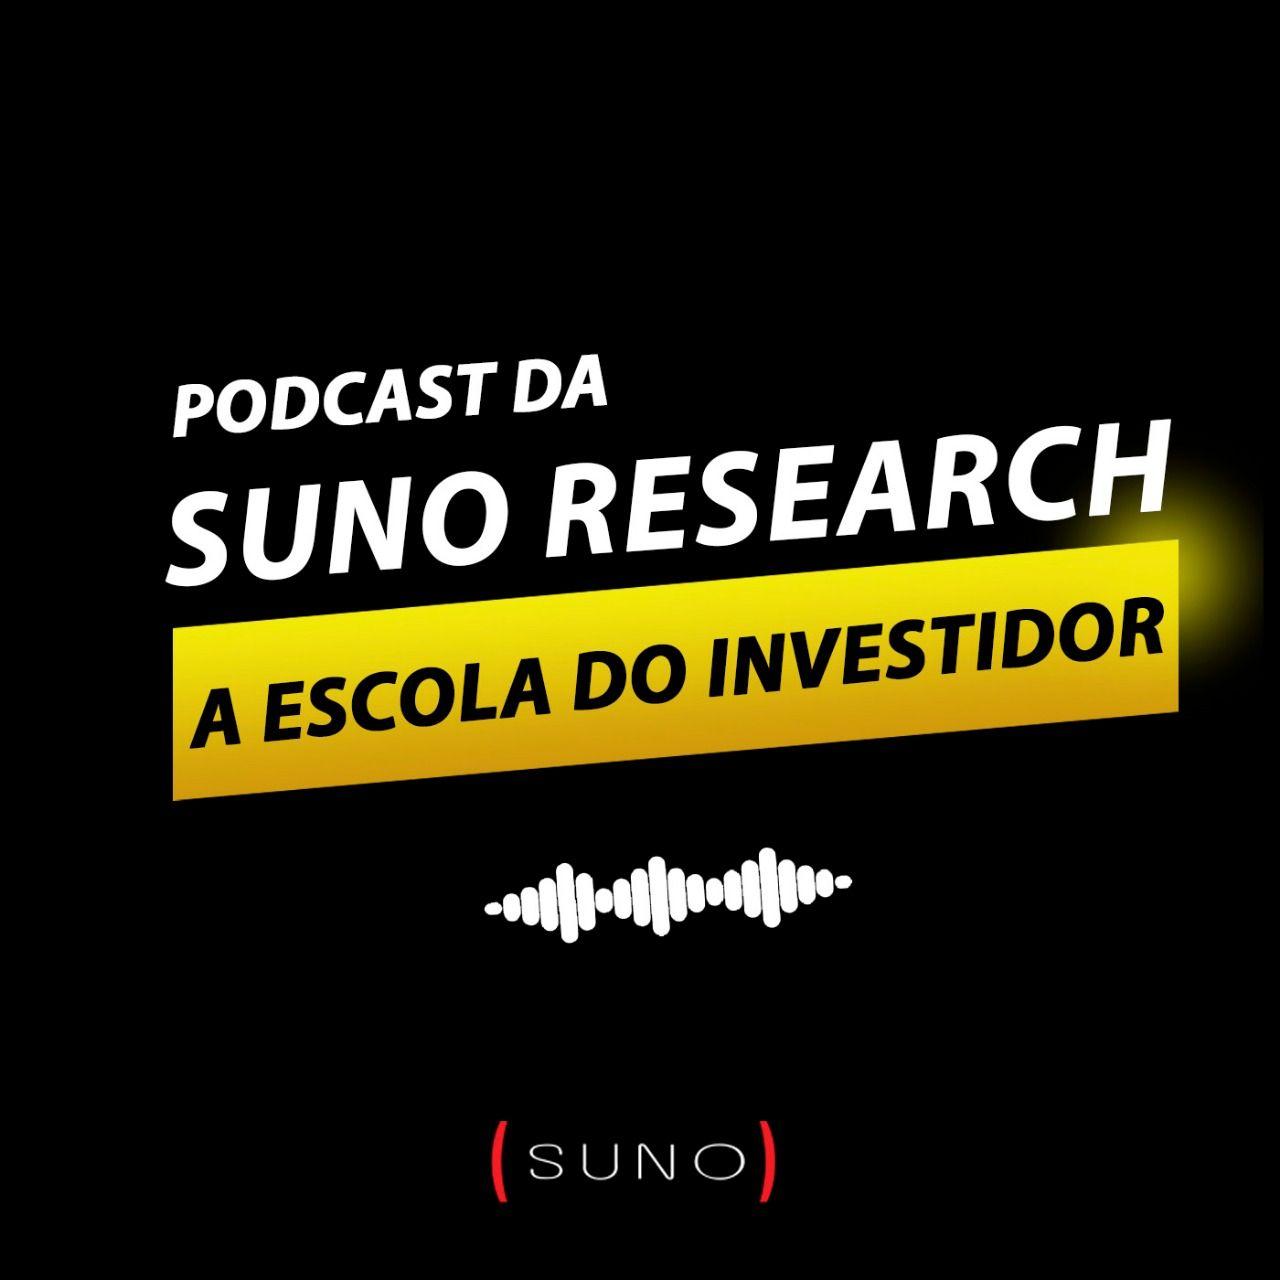 #SunoResponde com o Prof Baroni - Desenvolvimento Imobiliário com Felipe Althoff da XMS Partners